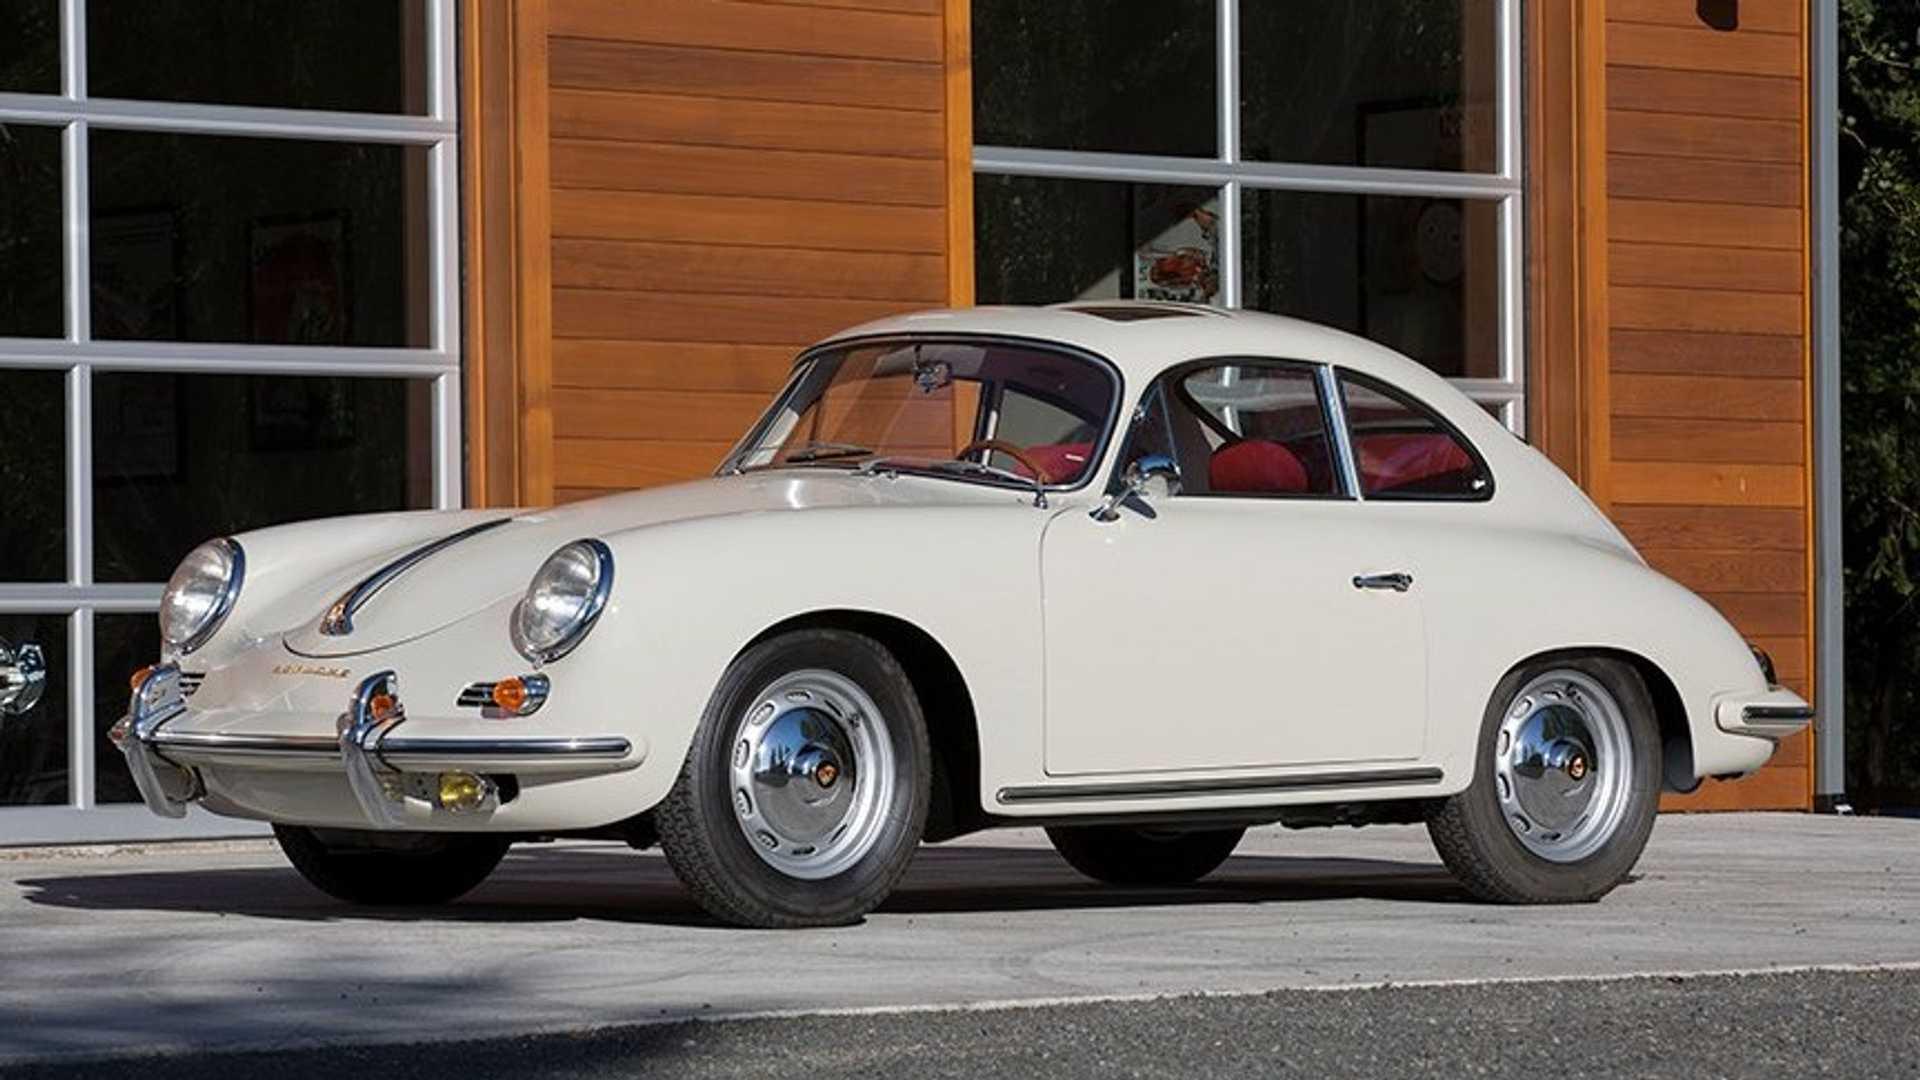 Unique, Collectible 1960 Porsche 356B Super 90 Could Be Yours